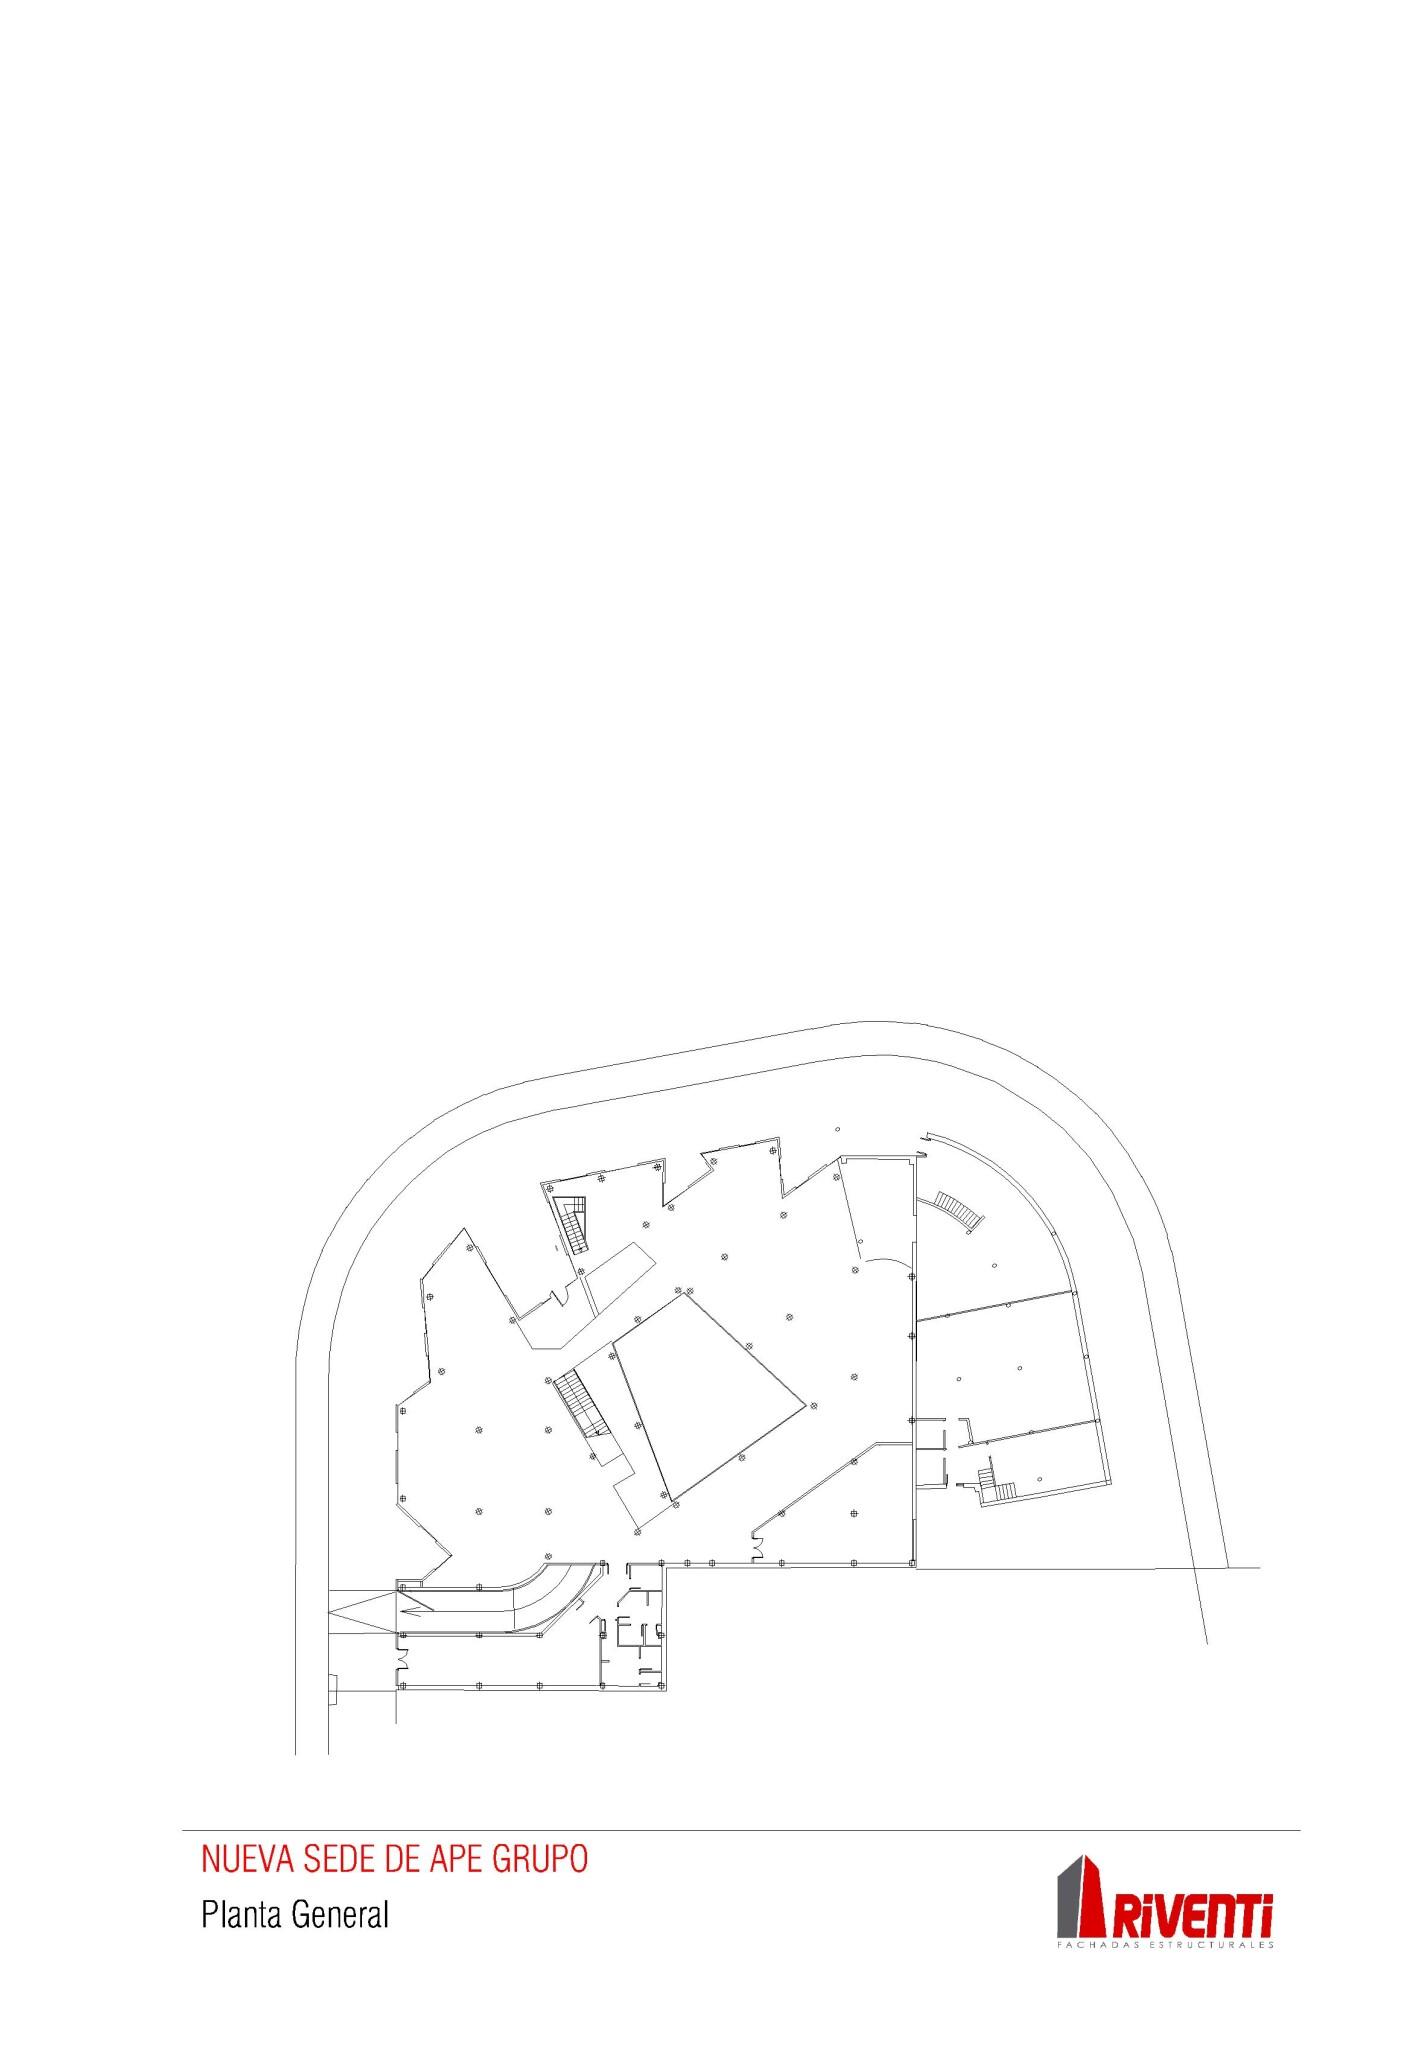 Fachada-GRC-APE-Grupo-detalle-constructivo-muro-cortina (3)